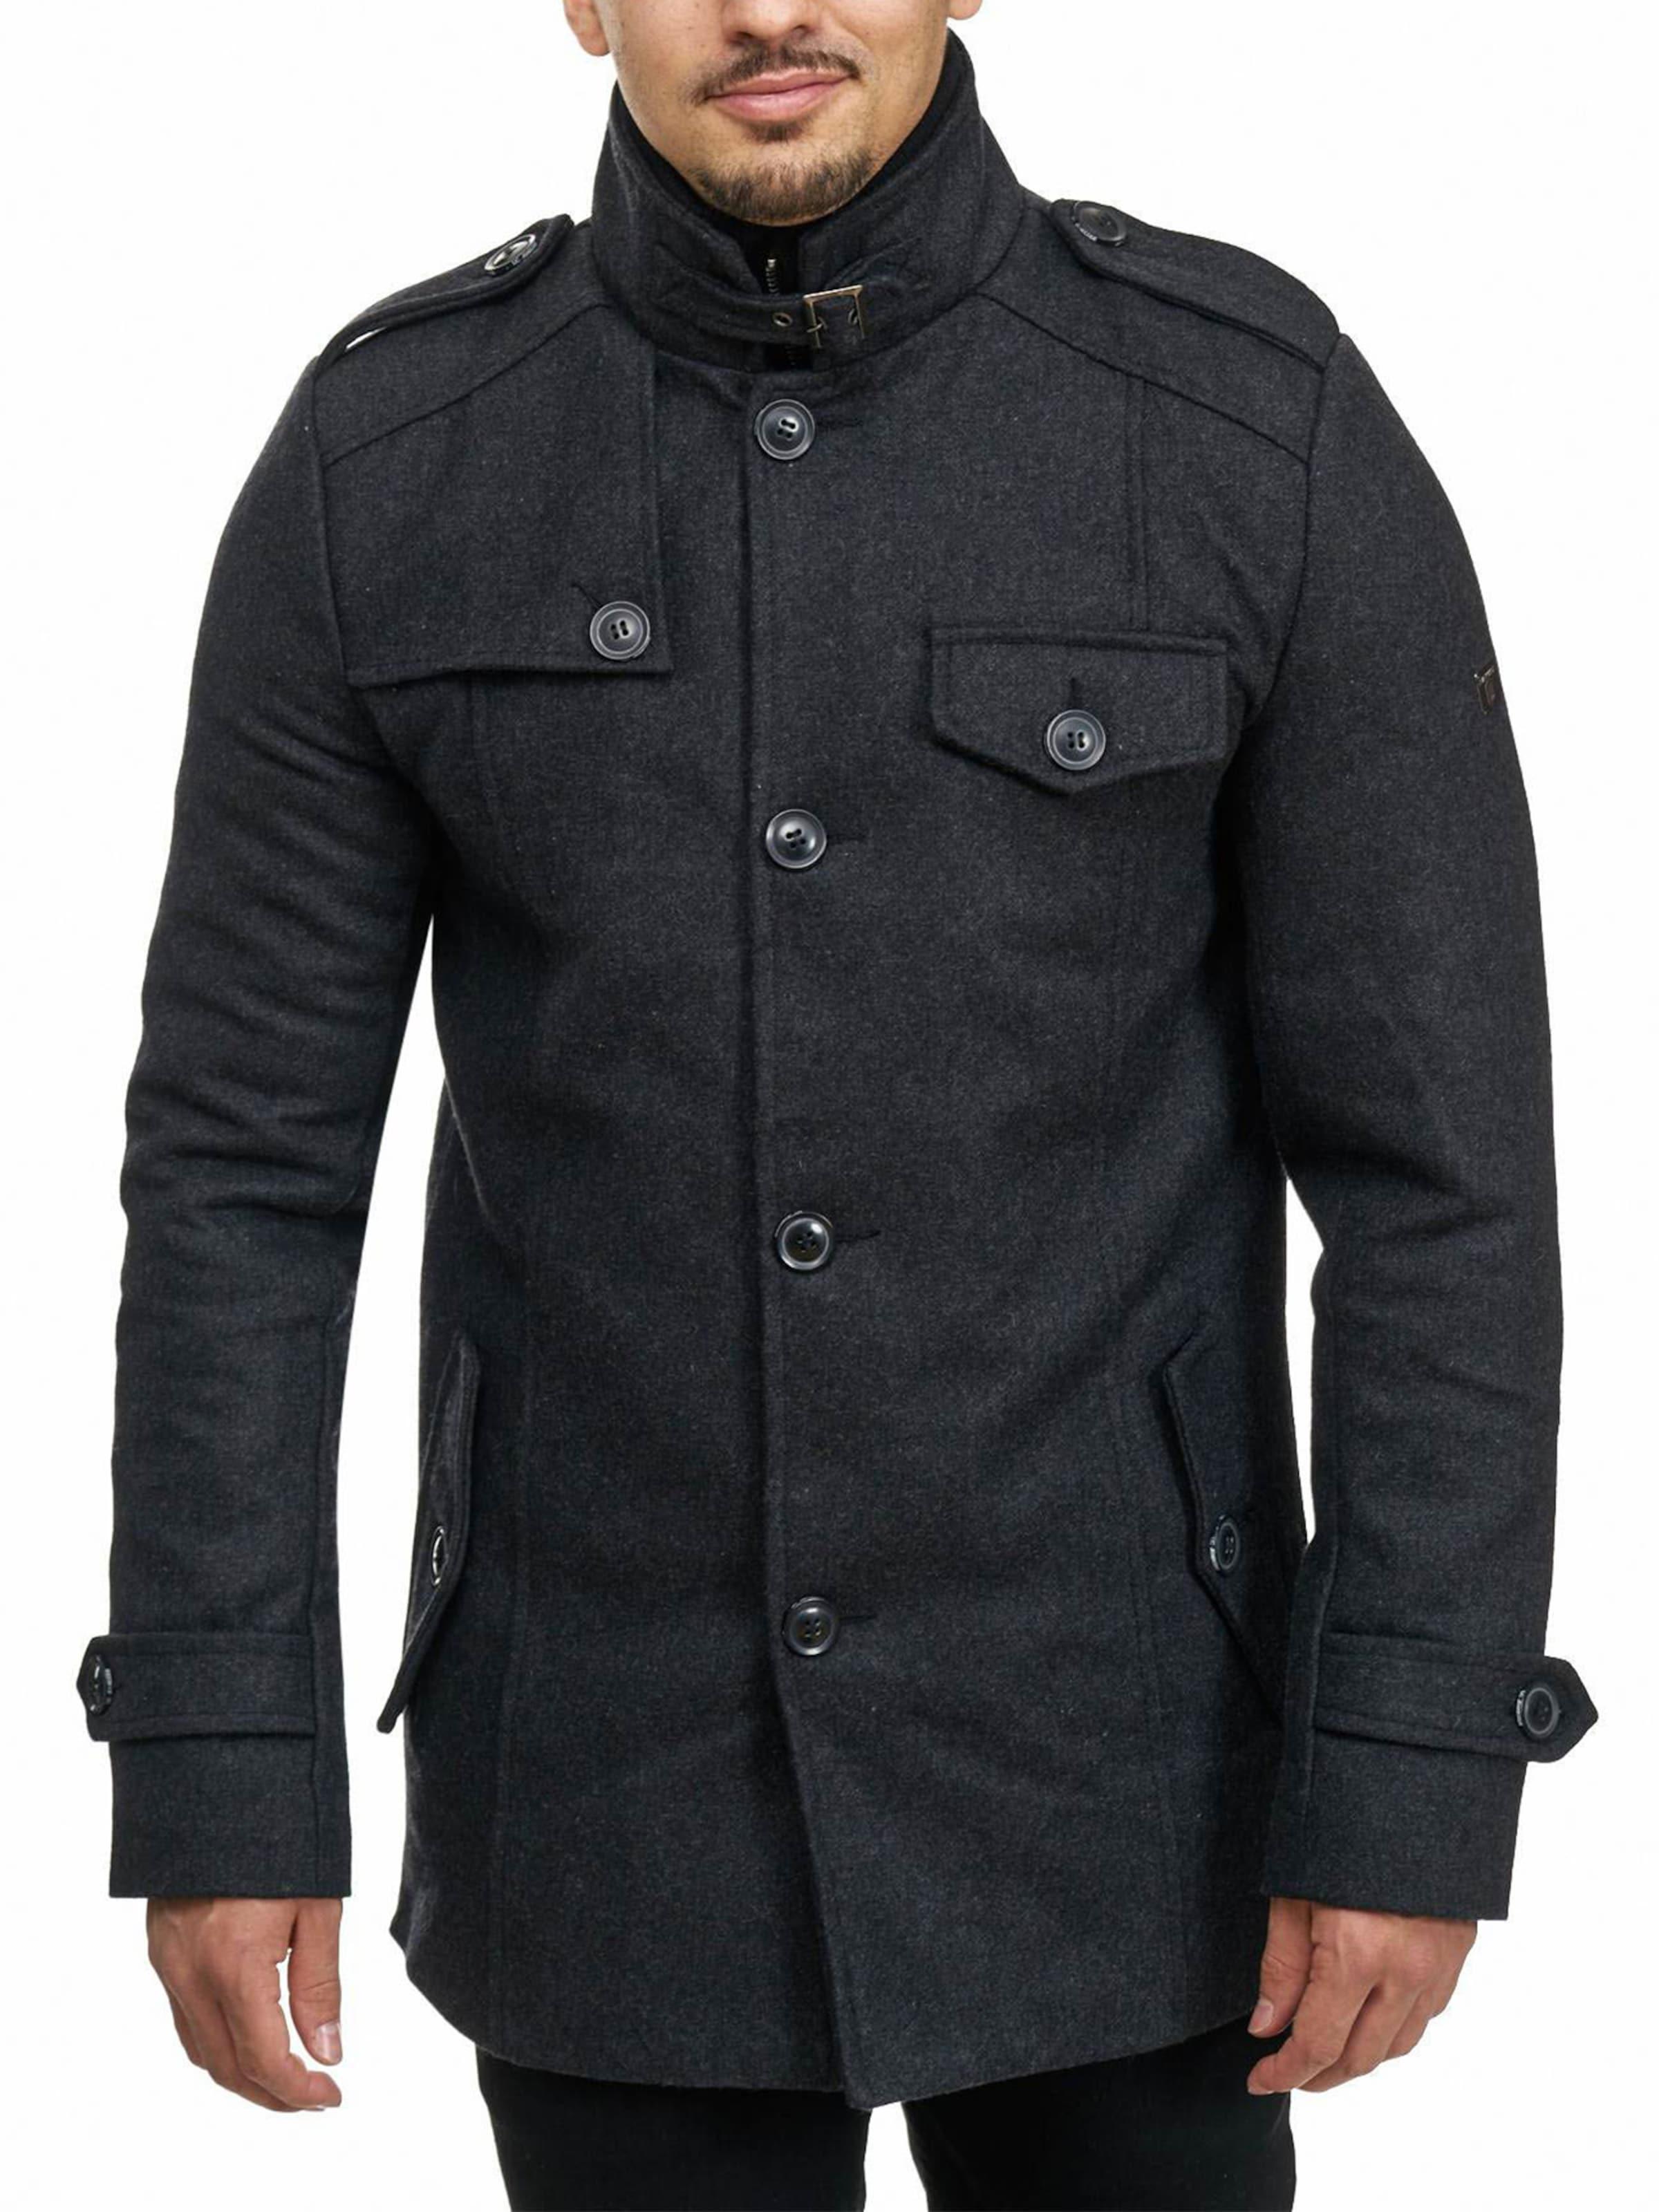 ' En D'hiver Jeans Manteau Mäntel Noir Brandon Indicode 5jc4ARqL3